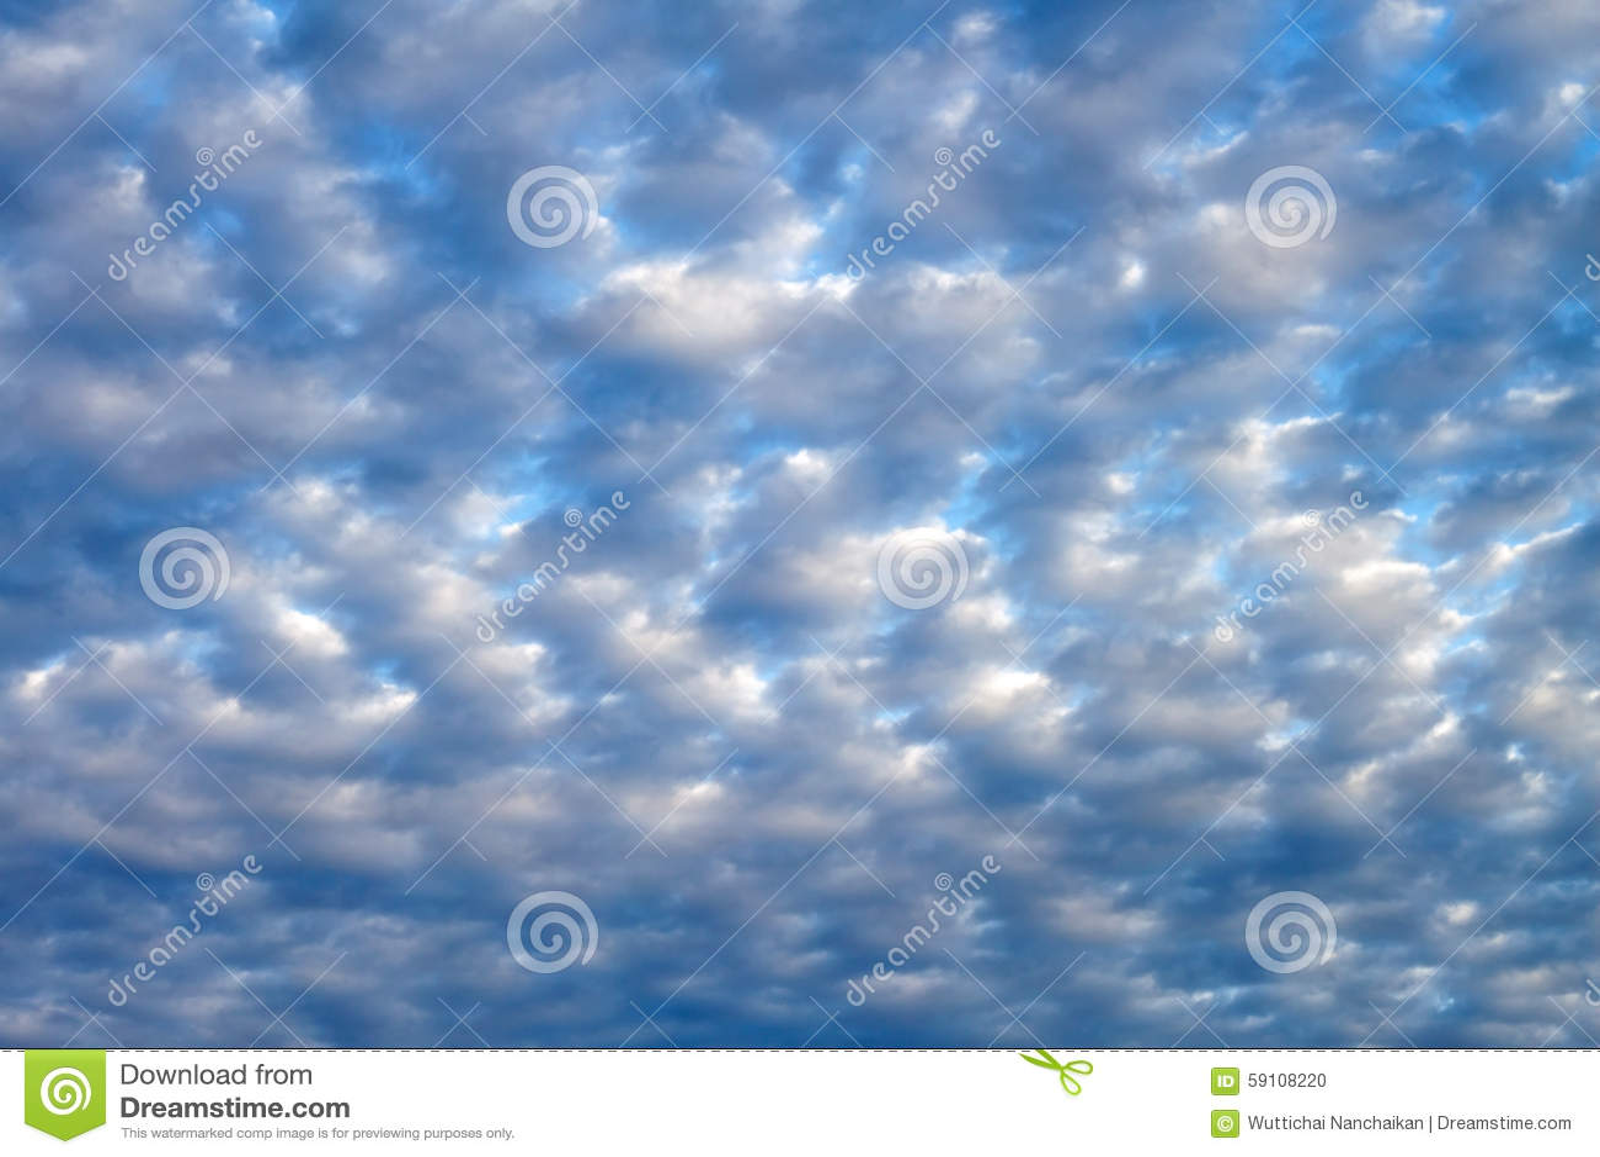 蓝色云彩天空